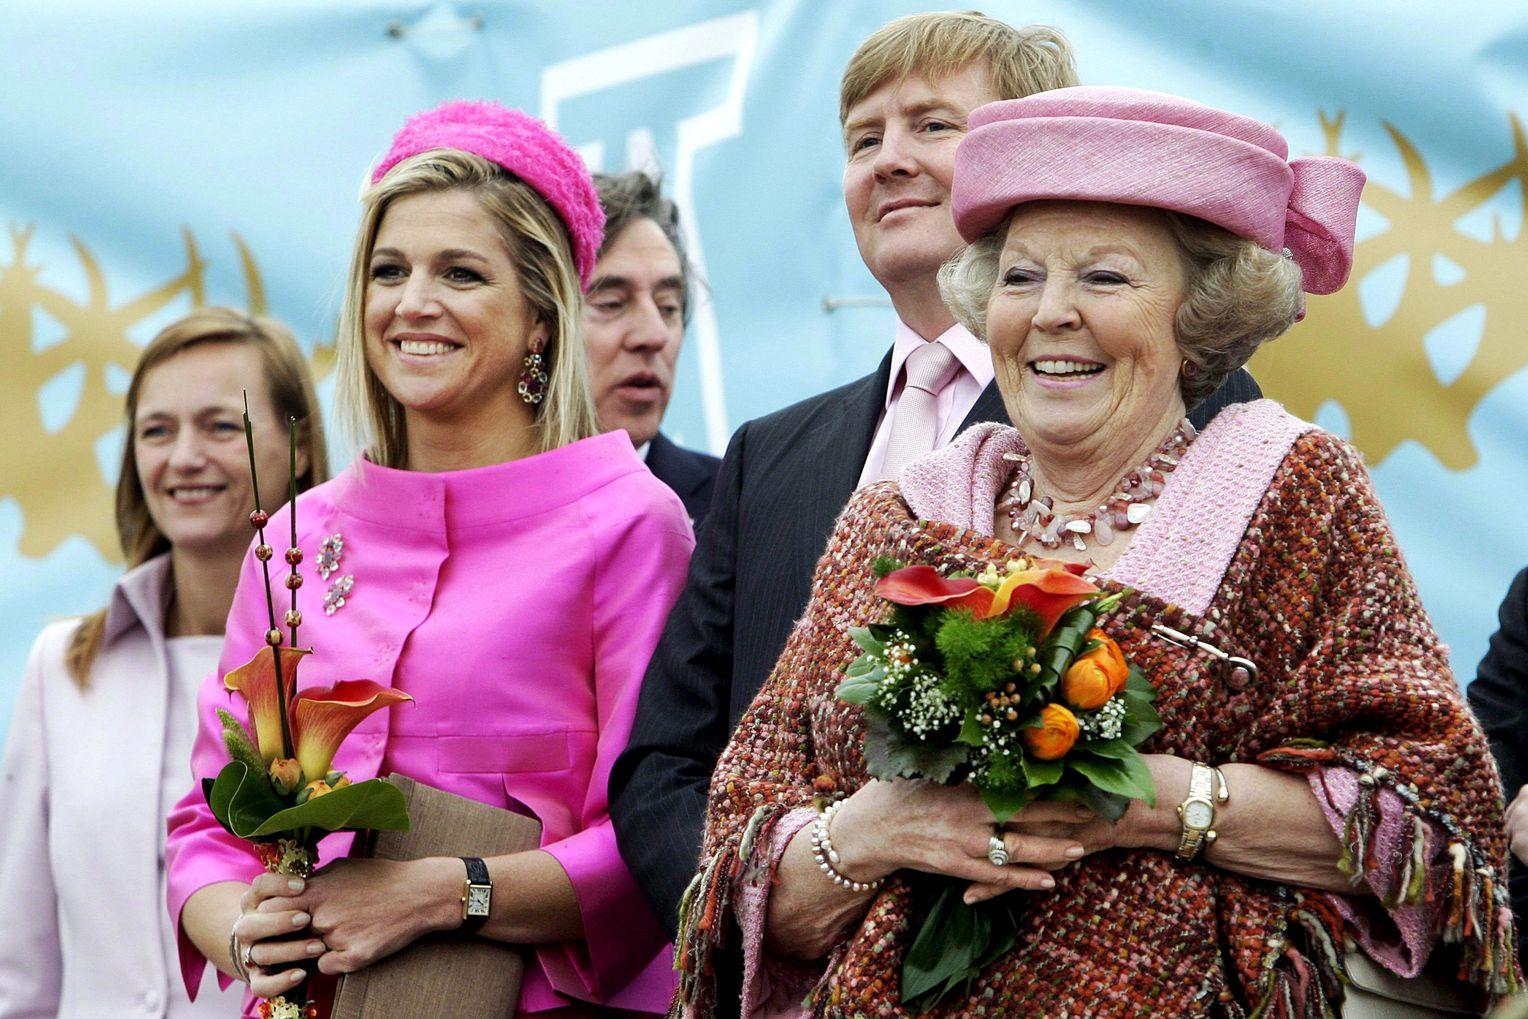 Королева Беатрикс с с принцем и принцессой на Конингиннедаге, 2010